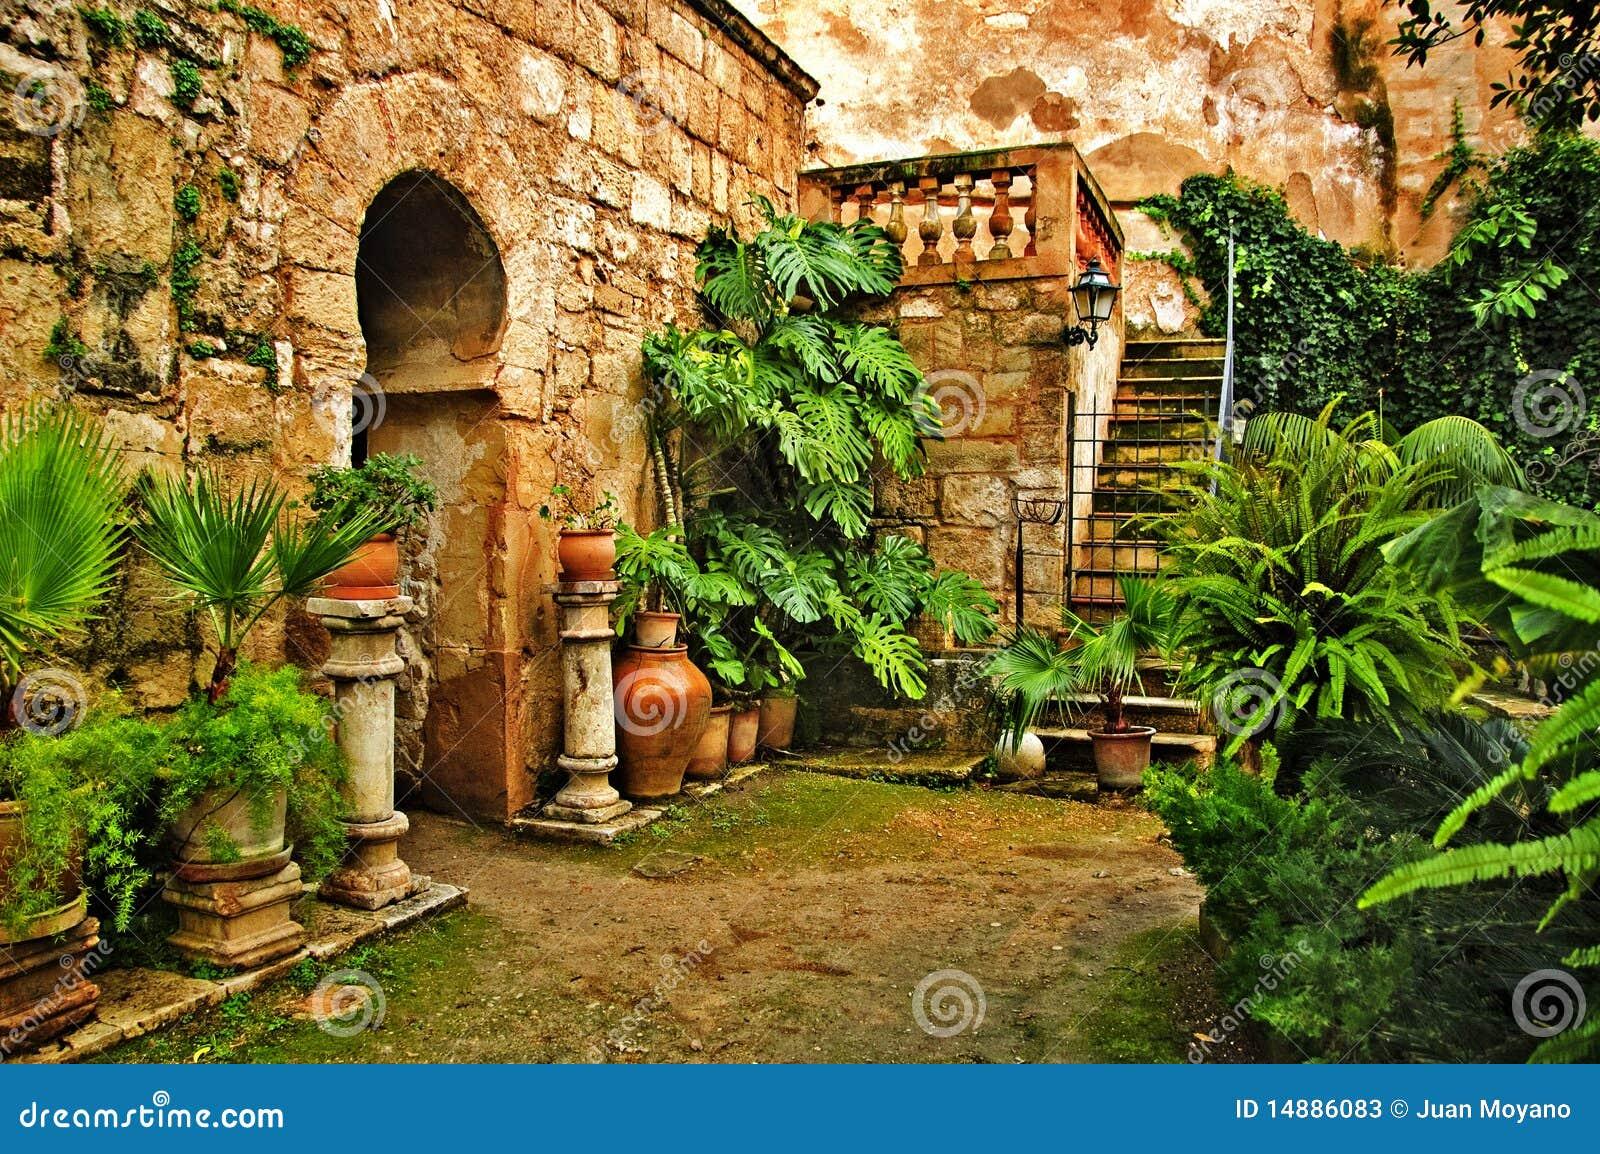 Baños Arabes Palma De Mallorca:Una vista de baños árabes en Palma de Mallorca, España